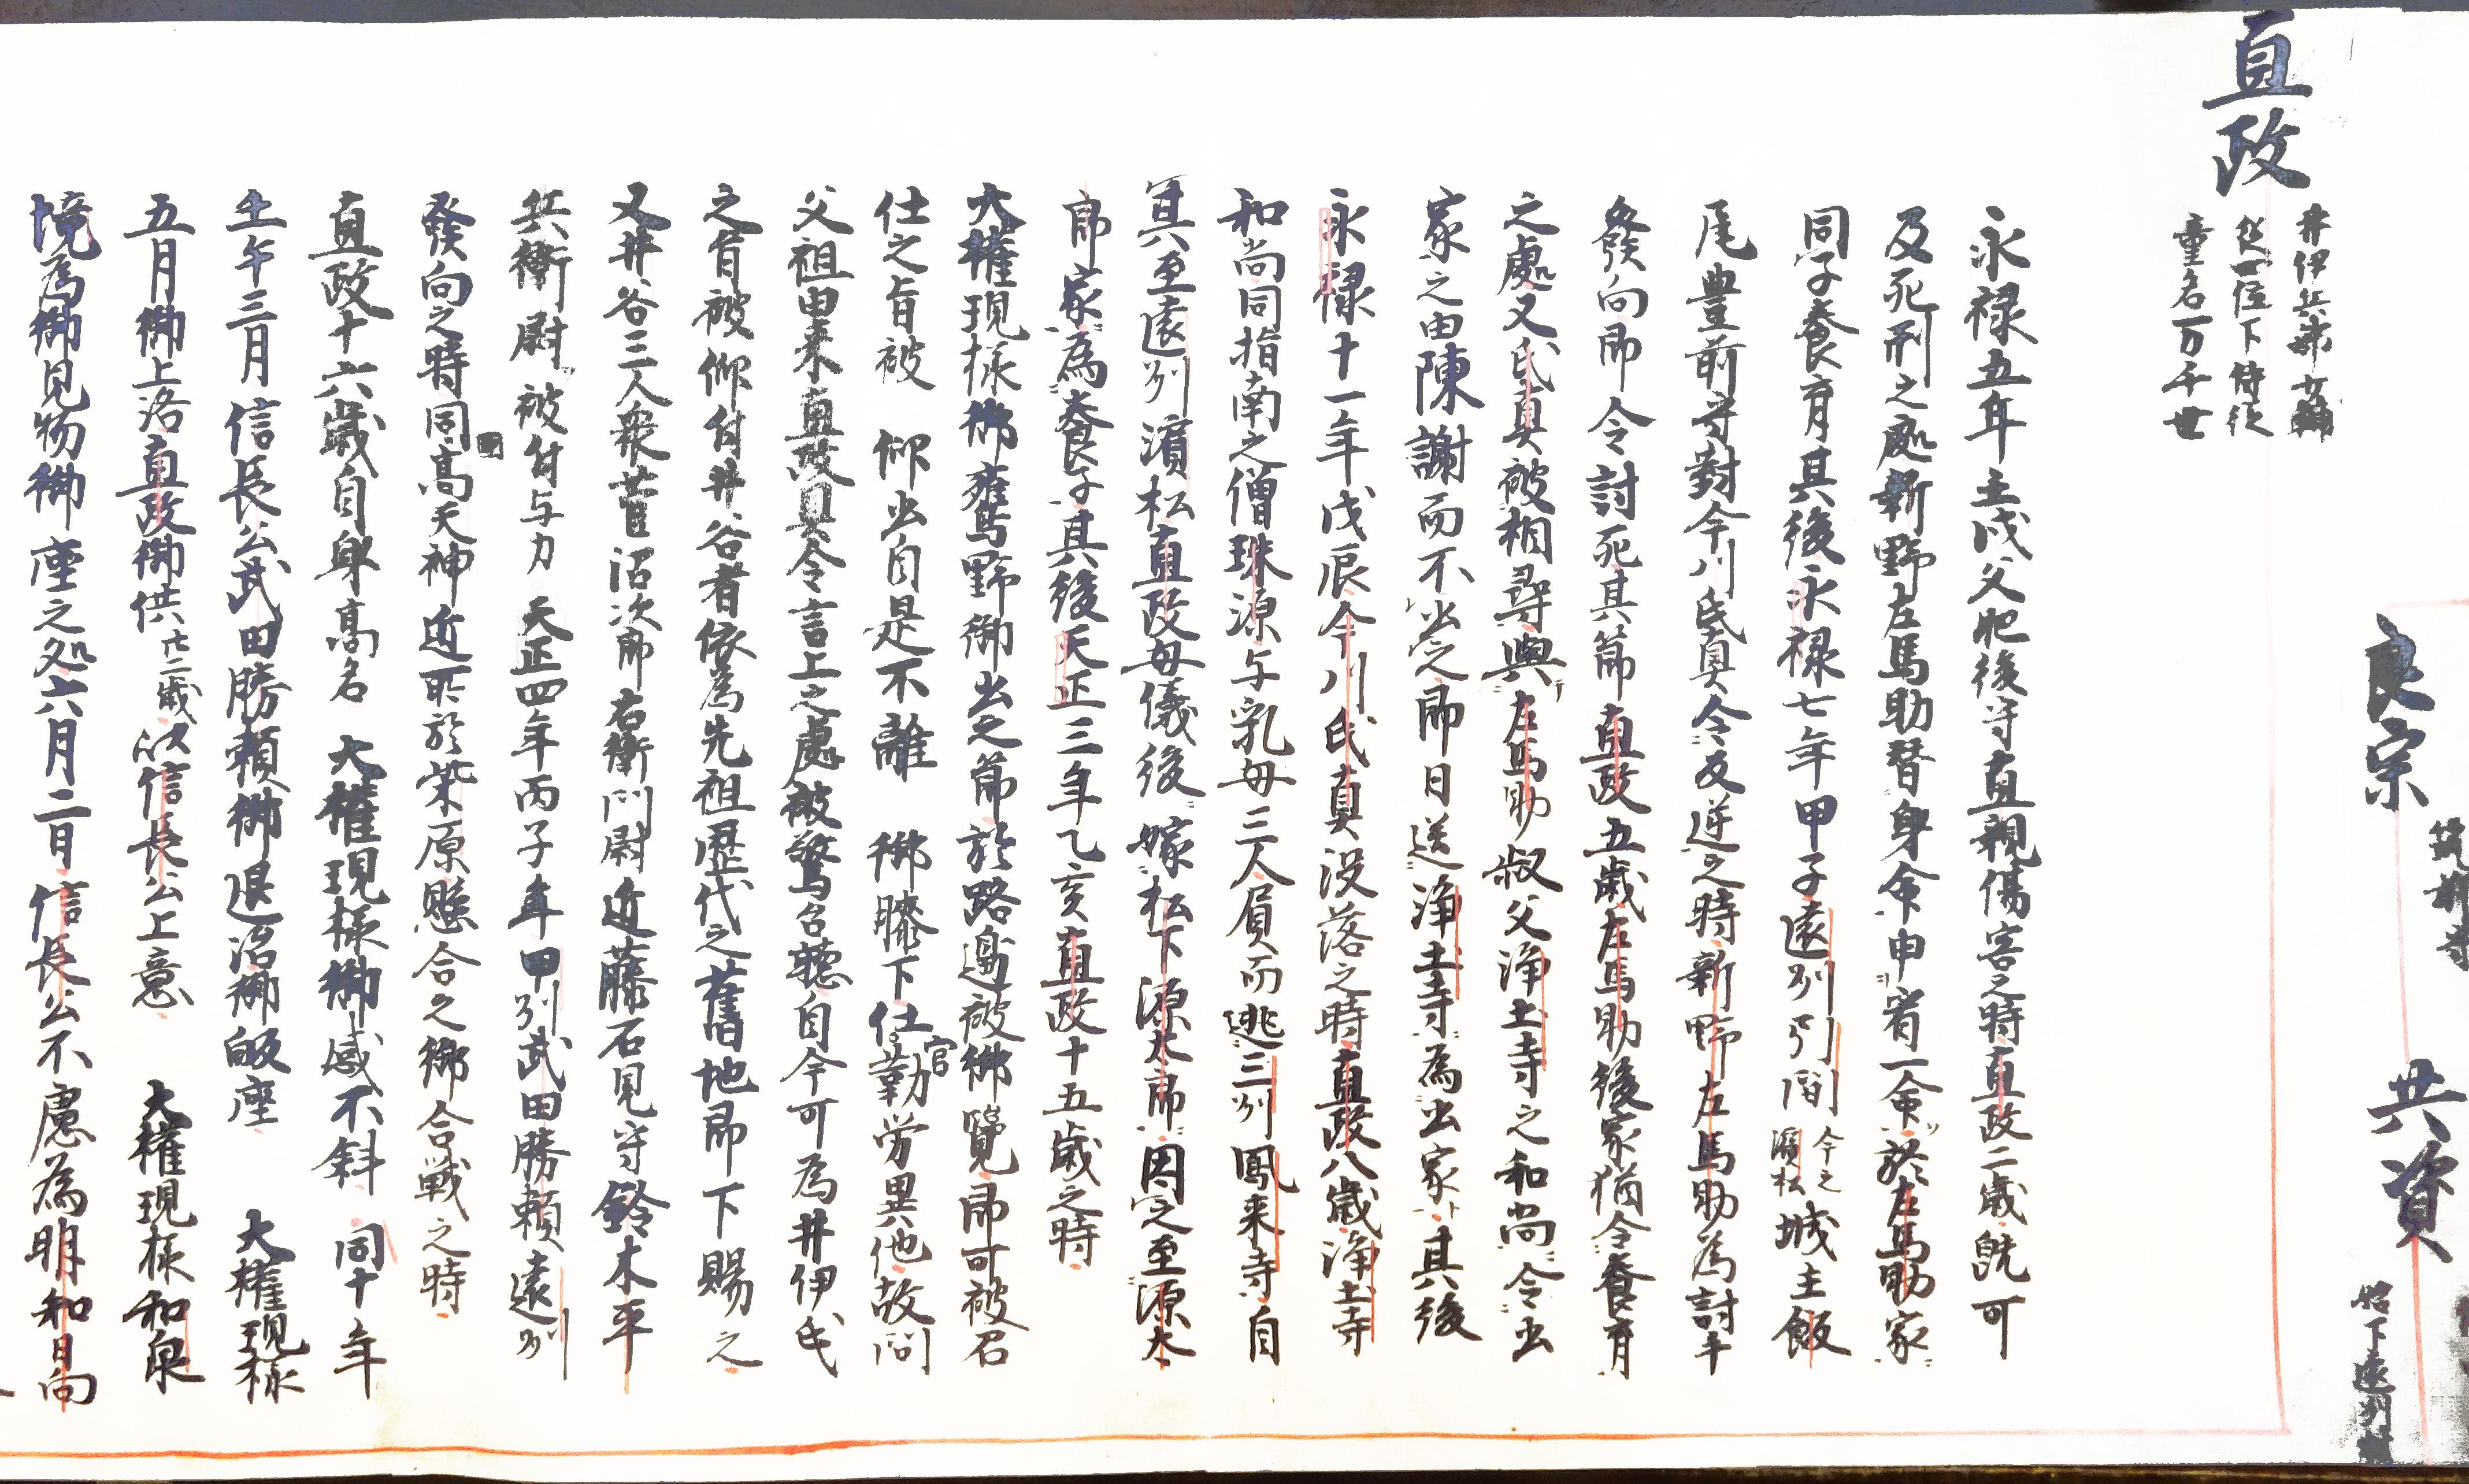 井伊氏族系図伝記4